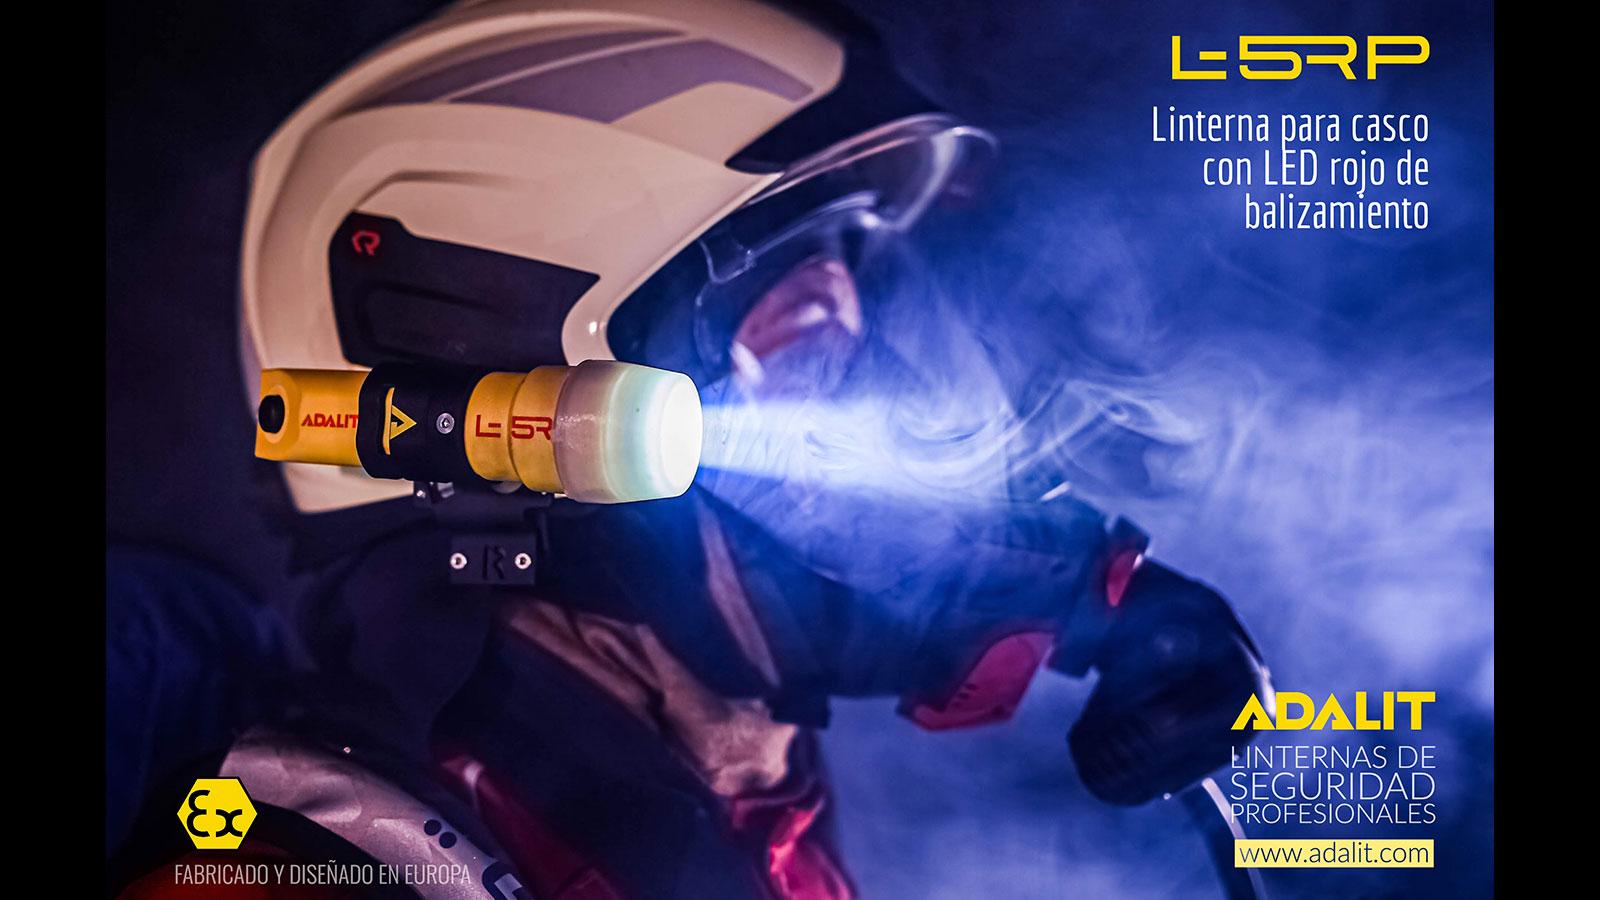 Linterna de seguridad ATEX Adalit L5 bombero